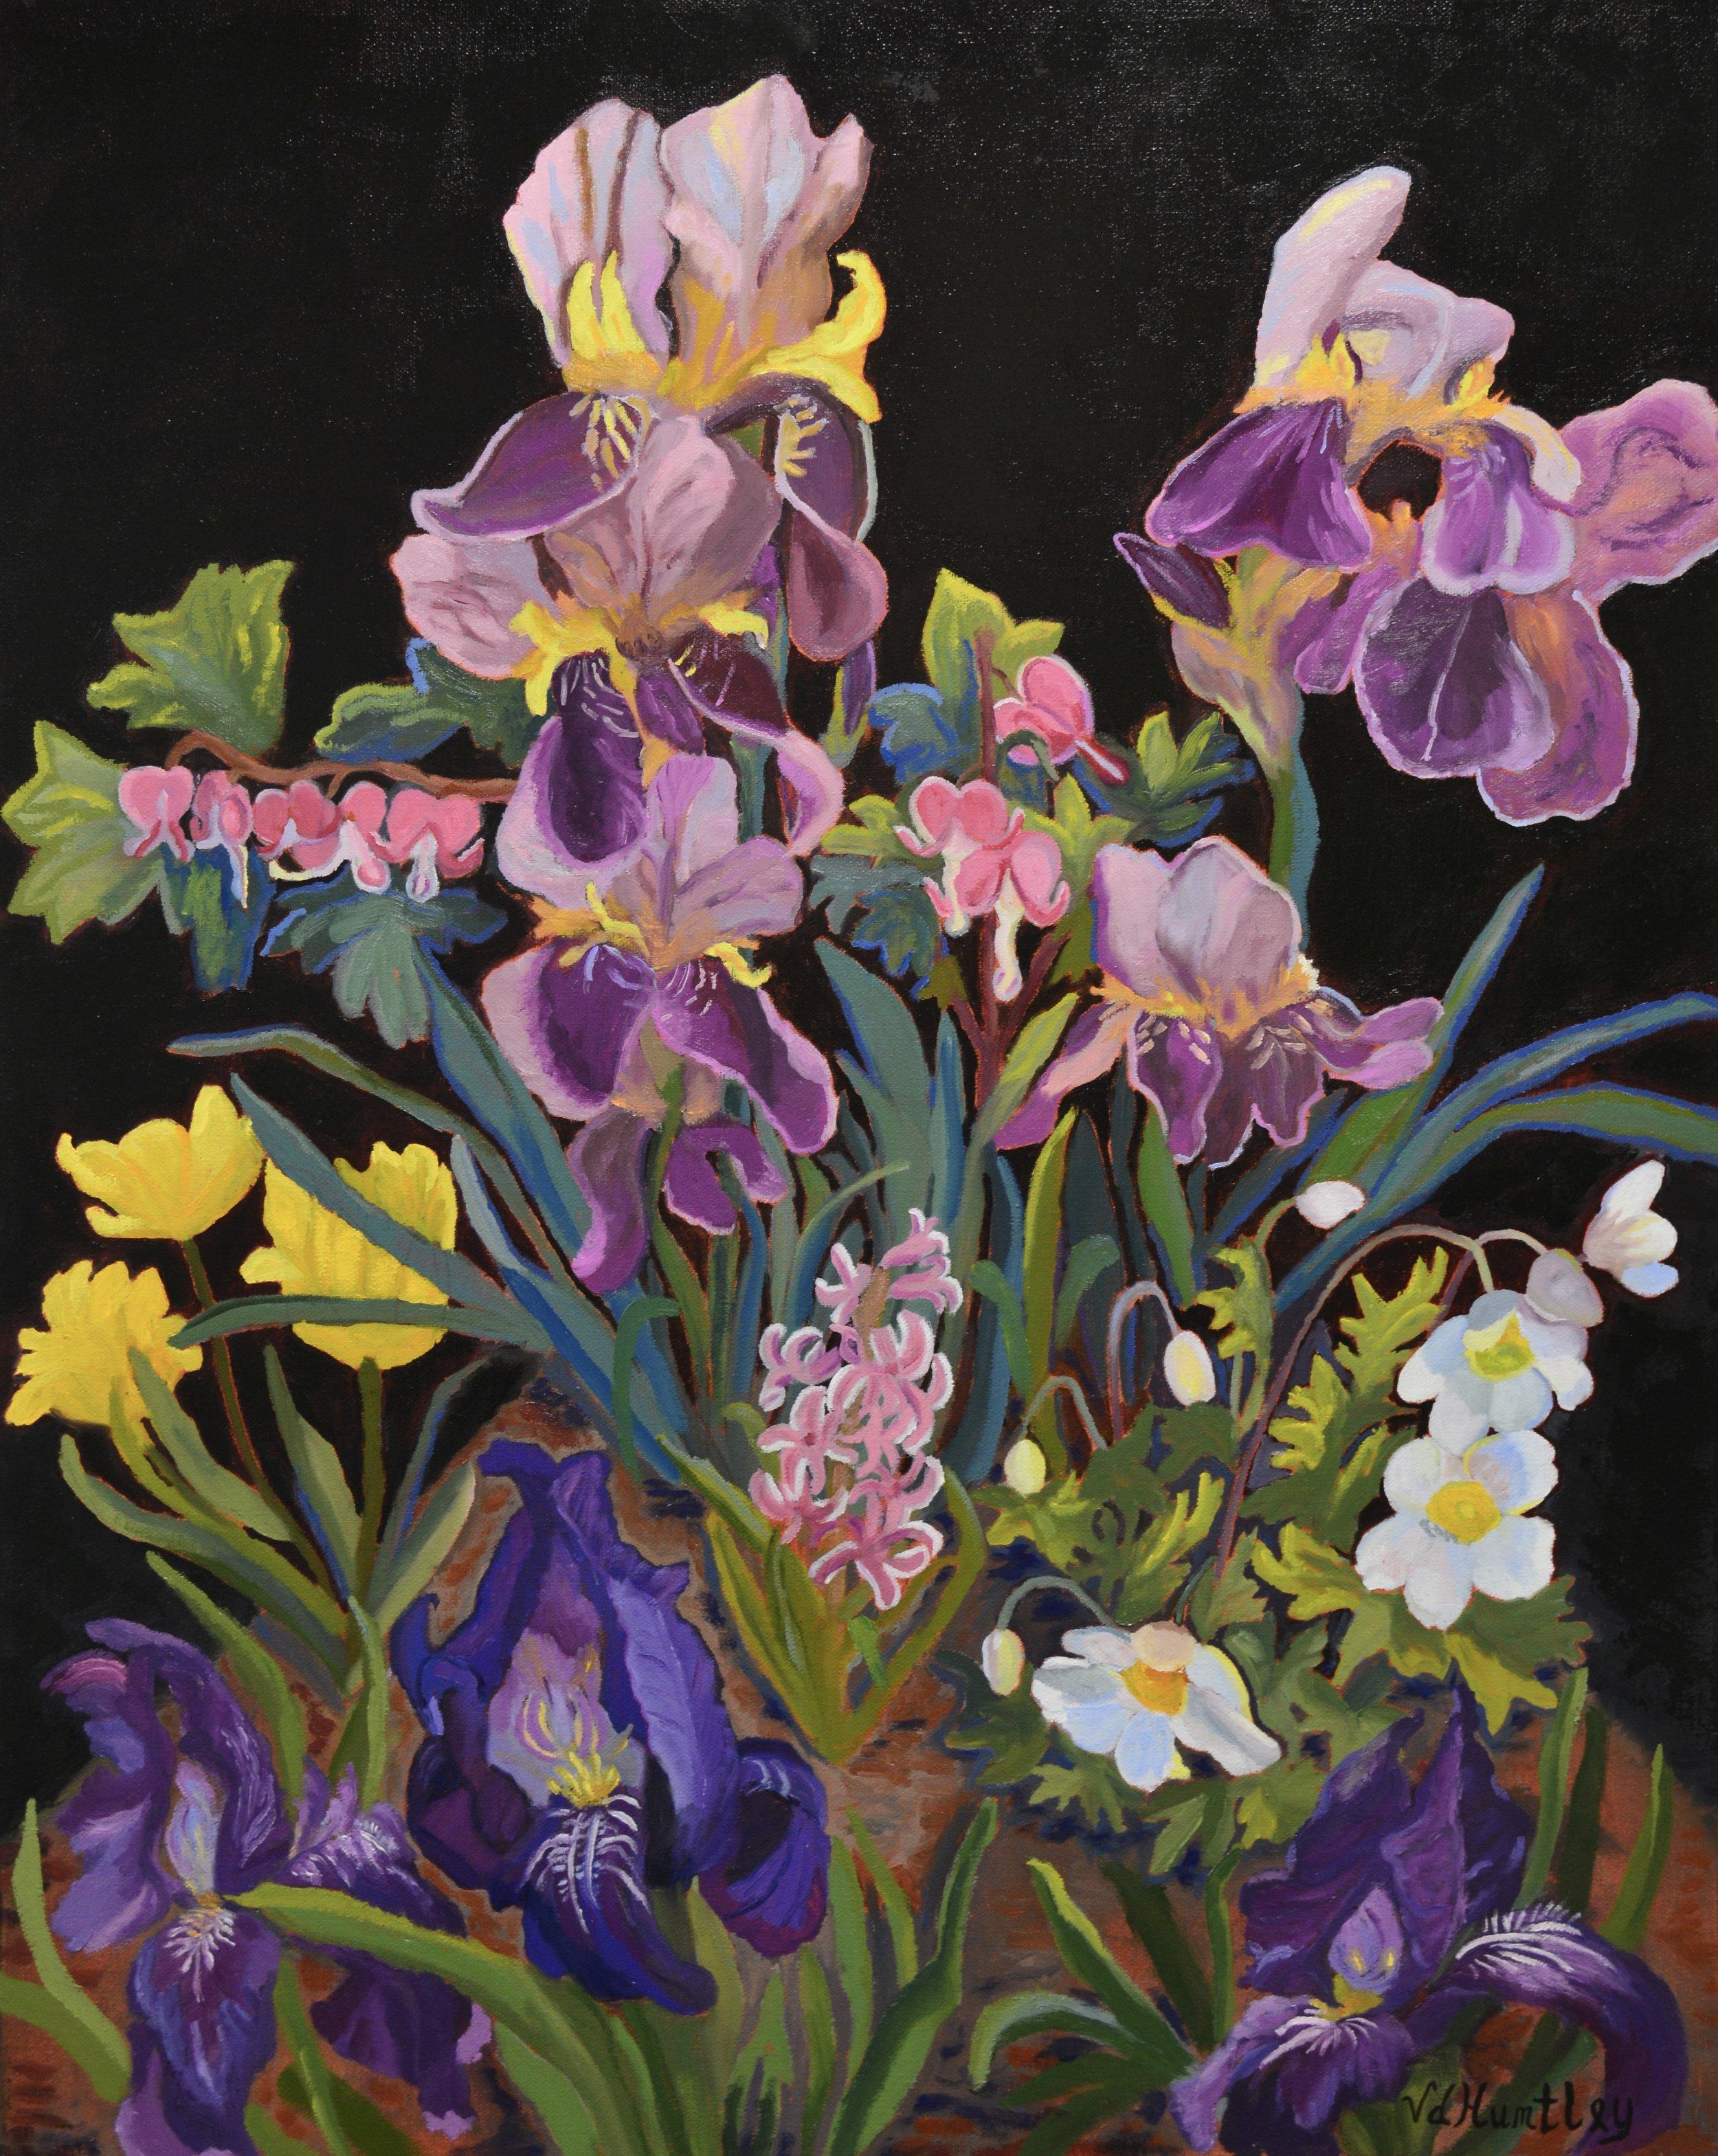 Nature's Bouquet - 24